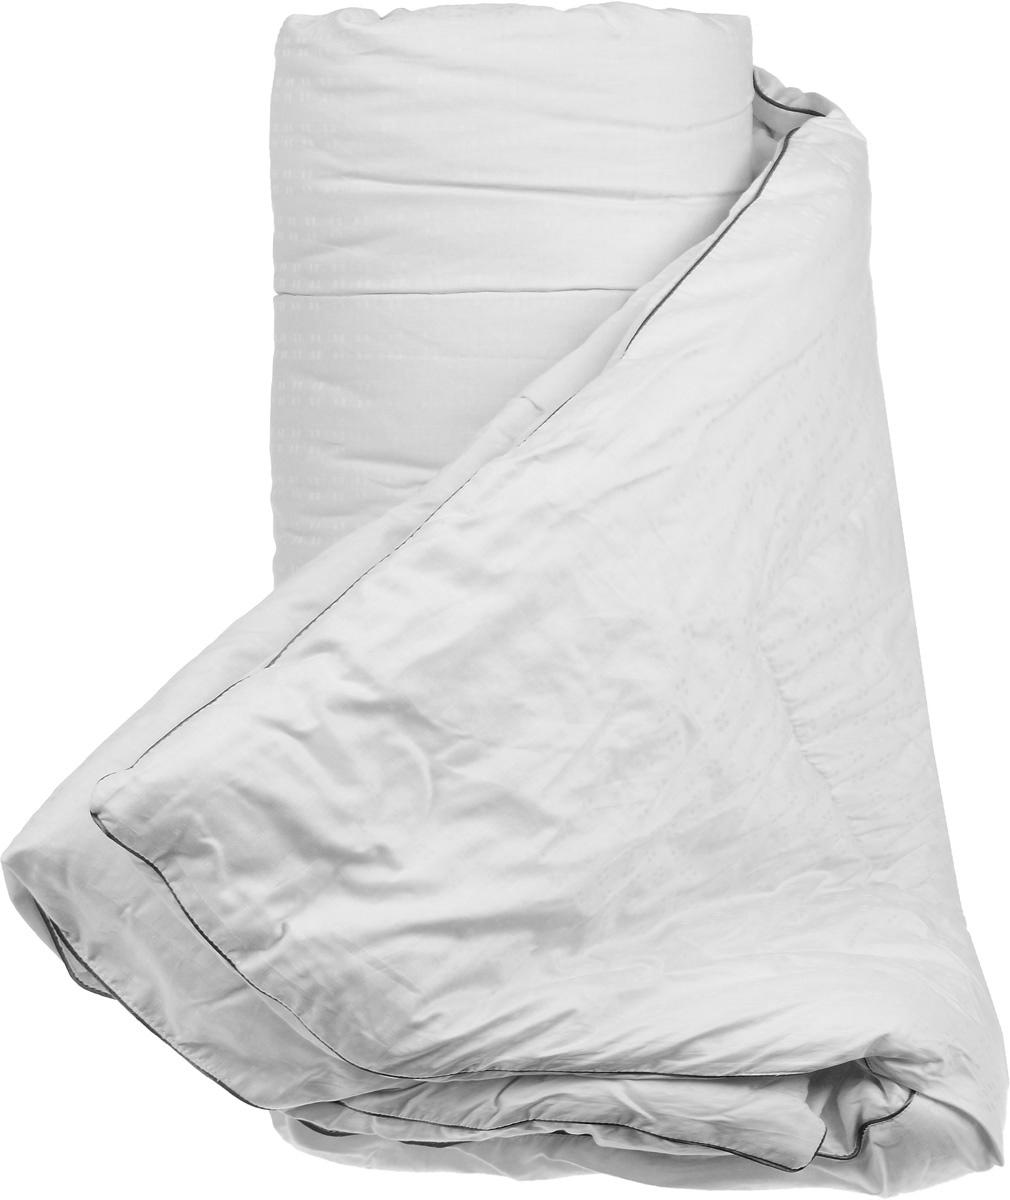 Одеяло теплое Легкие сны Элисон, наполнитель: лебяжий пух, 172 х 205 смS03301004Теплое одеяло Легкие сны Элисон поможет расслабиться, снимет усталость и подарит вам спокойный и здоровый сон. В качестве наполнителя используется синтетический сверхтонкий и практически невесомый материал, названный лебяжьим пухом. Изделия с наполнителем из искусственного пуха легкие, мягкие и не вызывают аллергии. Чехол изделия, выполненный из белоснежного сатина (100% хлопок), оформлен оригинальным тиснением. Одеяло простегано и отделано по краю атласным кантом серого цвета. Одеяло с таким наполнителем практично, легко стирается и быстро сохнет, сохраняя свои первоначальные свойства. Можно стирать в стиральной машине.